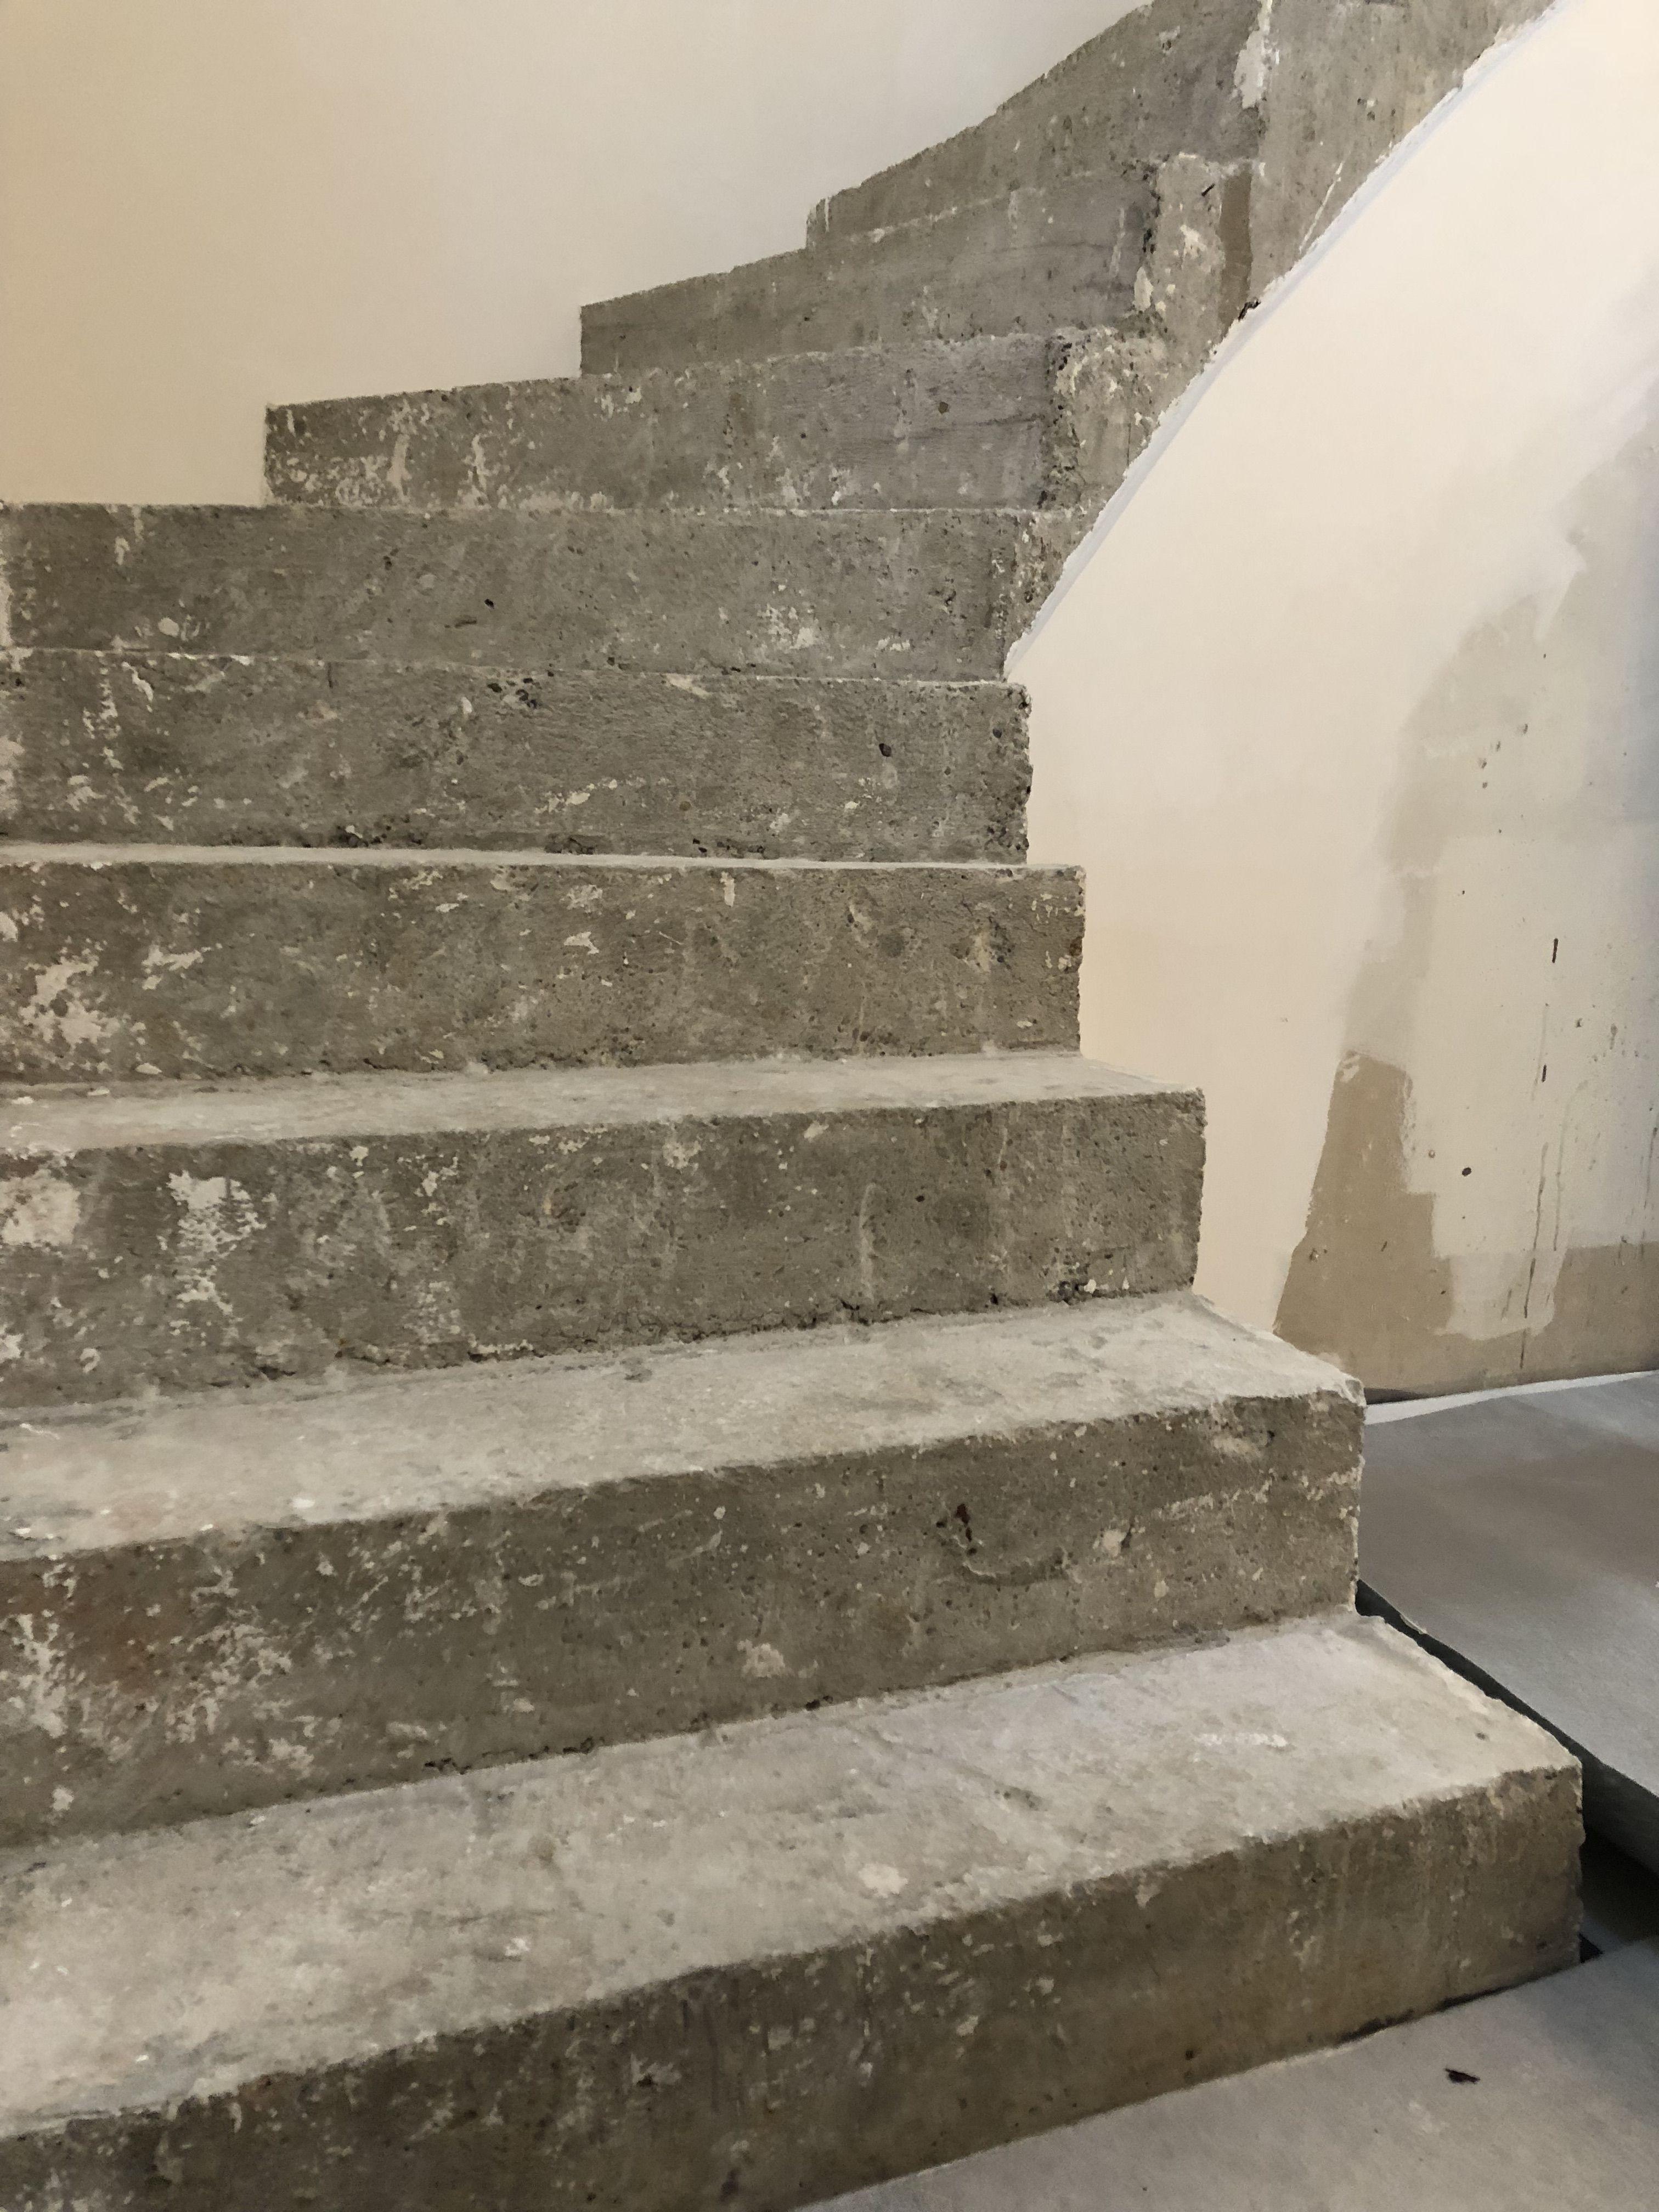 Un Escalier En Beton Brut Transforme Avec Du Beton Cire Escalier Beton Escalier Beton Cire Beton Brut